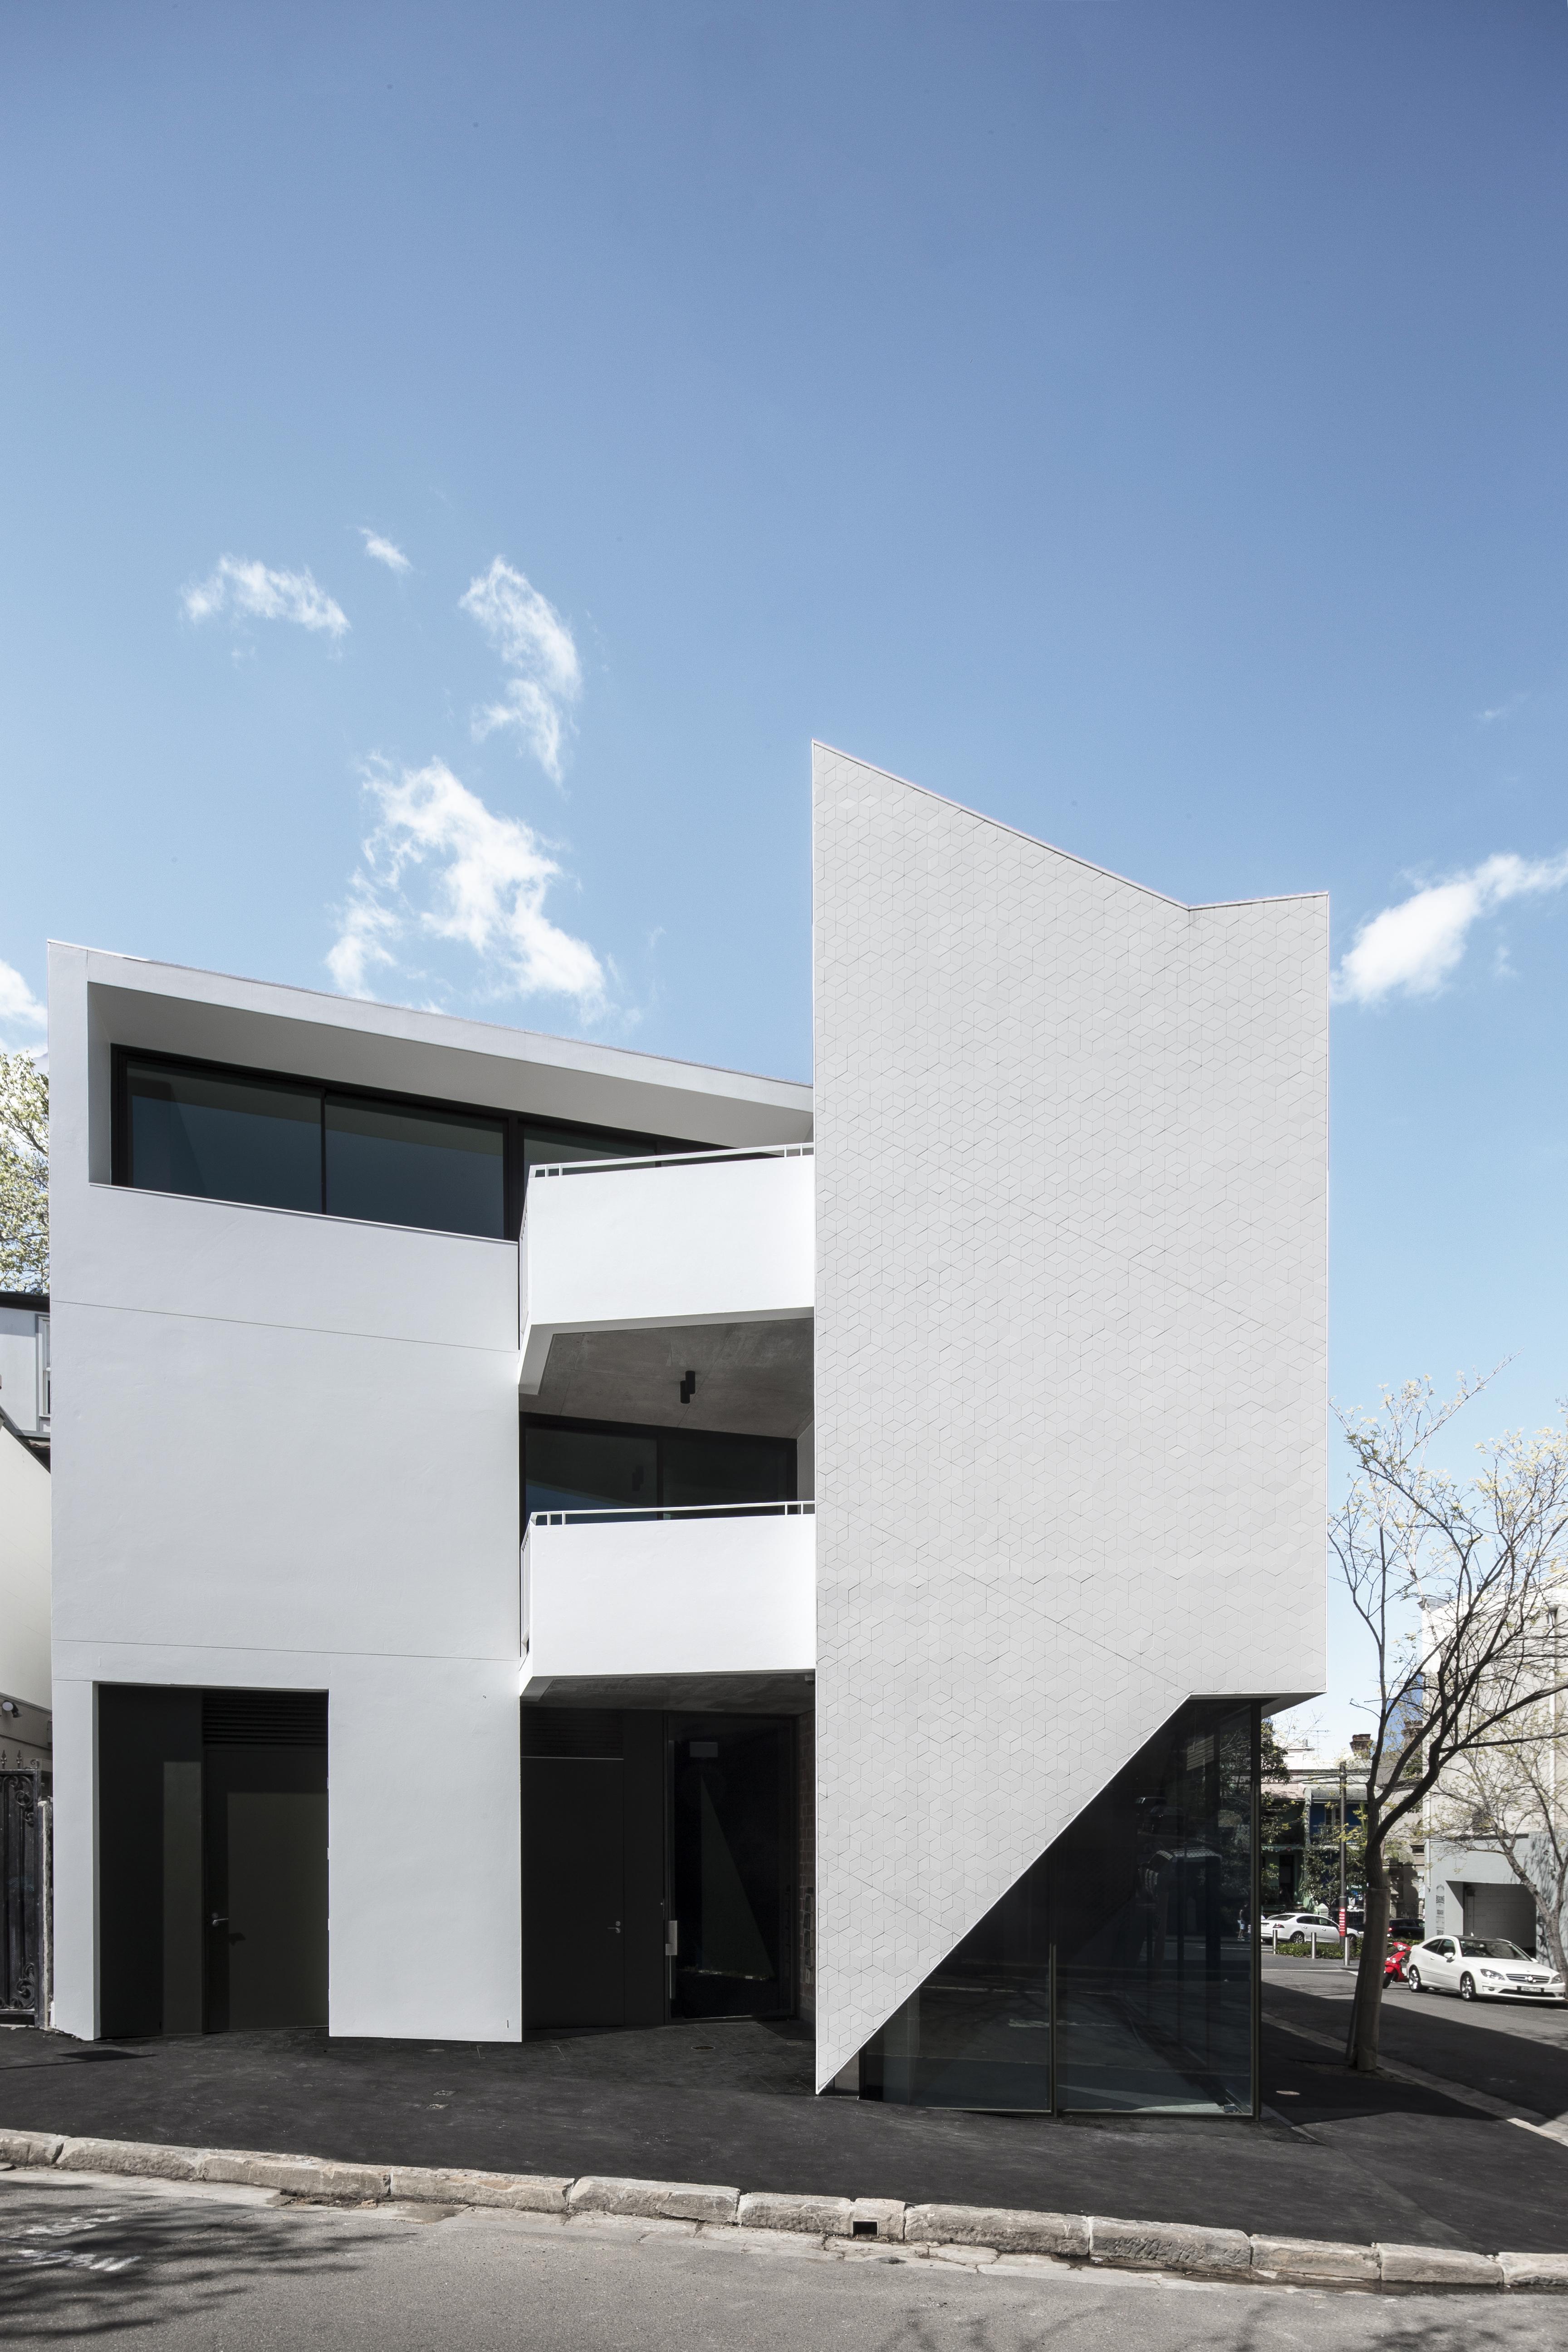 Crown 515-Smart Design Studio-The Local Project-Australian Architecture & Design-Image 6